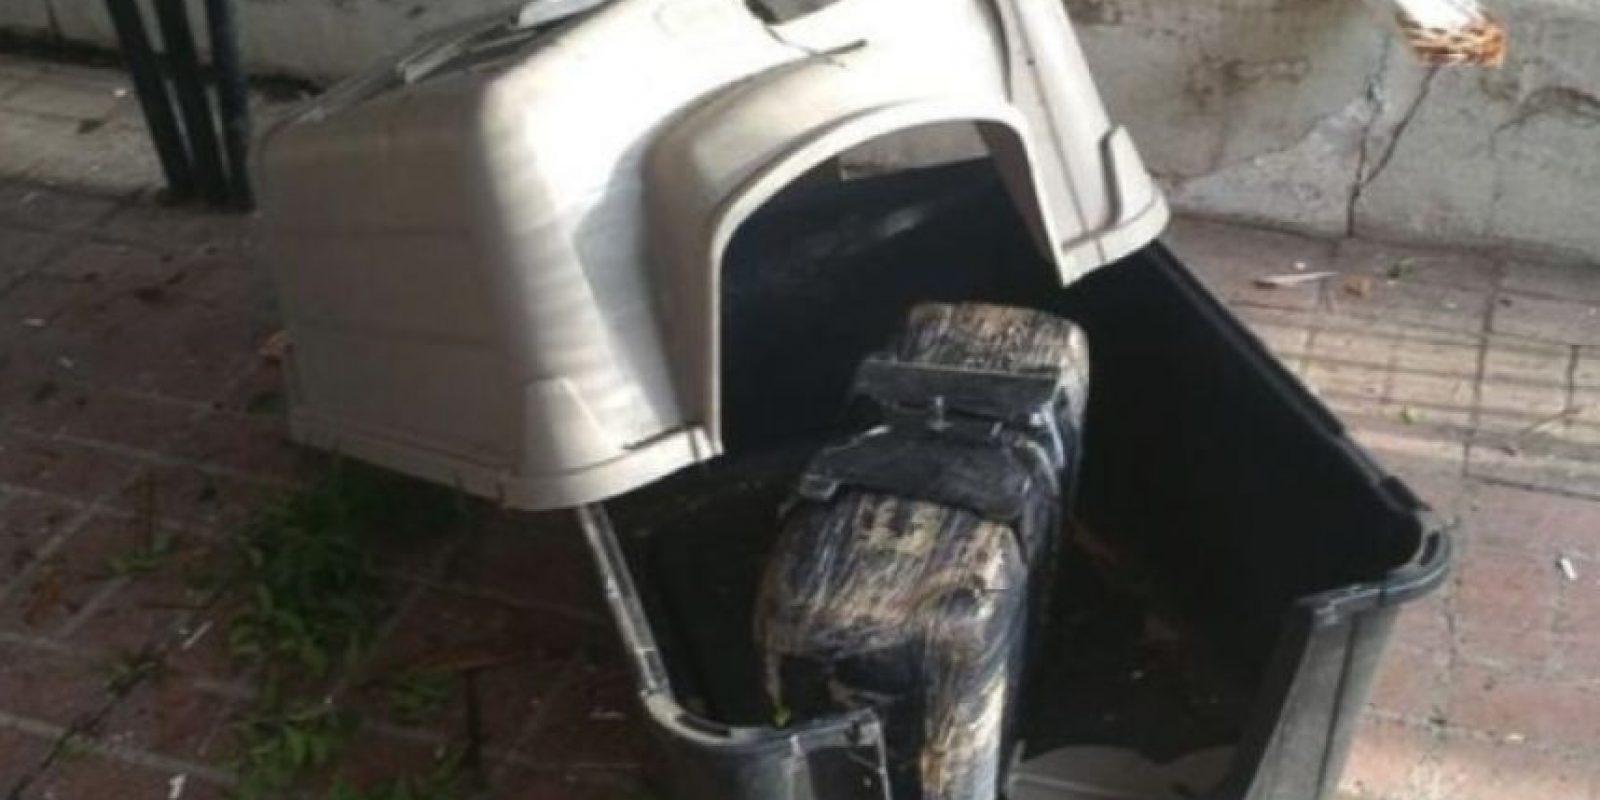 """De acuerdo al Departamento de Policía de Nogales, la marihuana fue arrojada por una nave ultraliviana, que es una manera de transportar droga en la frontera entre Estados Unidos y Méxco. """"Normalmente no aterrizan en casas"""", dijo a la cadena """"CNN"""" el detective Robert Ferros. Foto:Departamento de Policía de Nogales"""